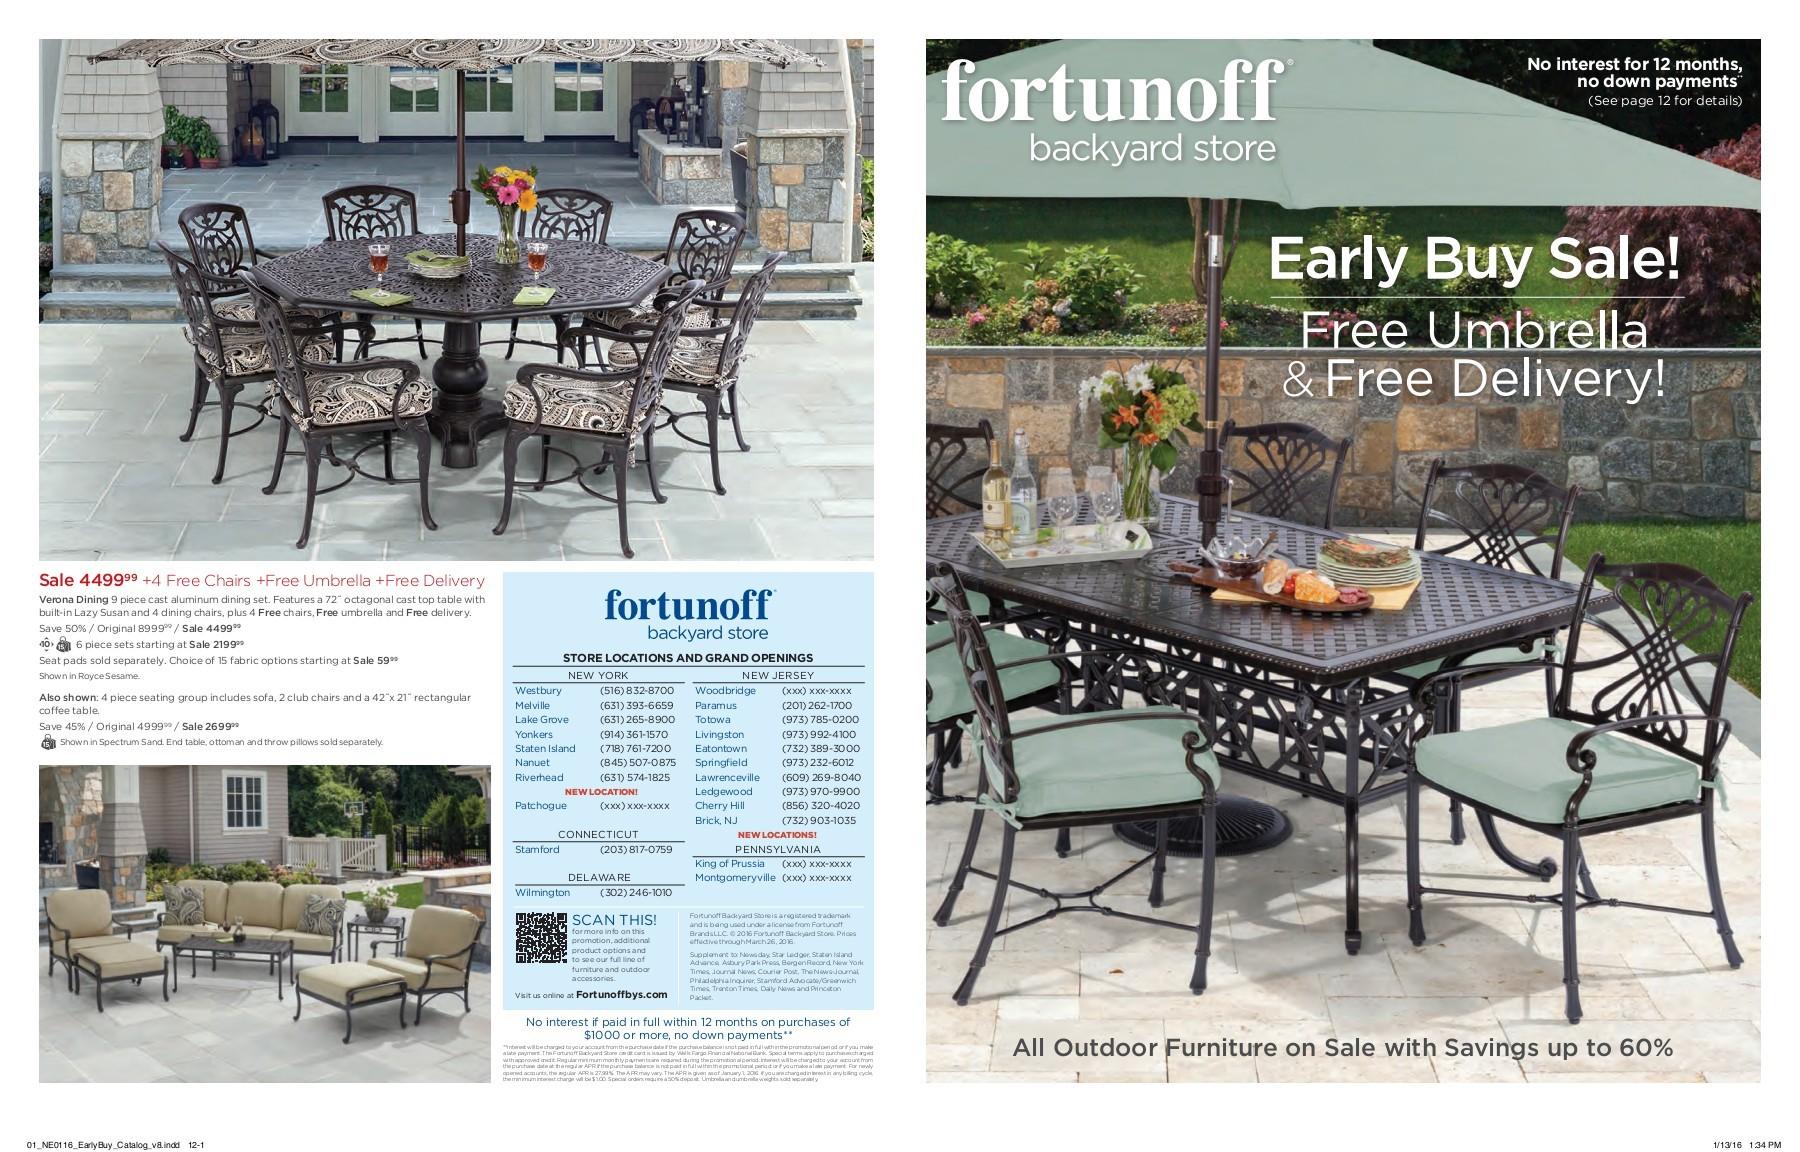 Fortunoff Backyard Store Paramus